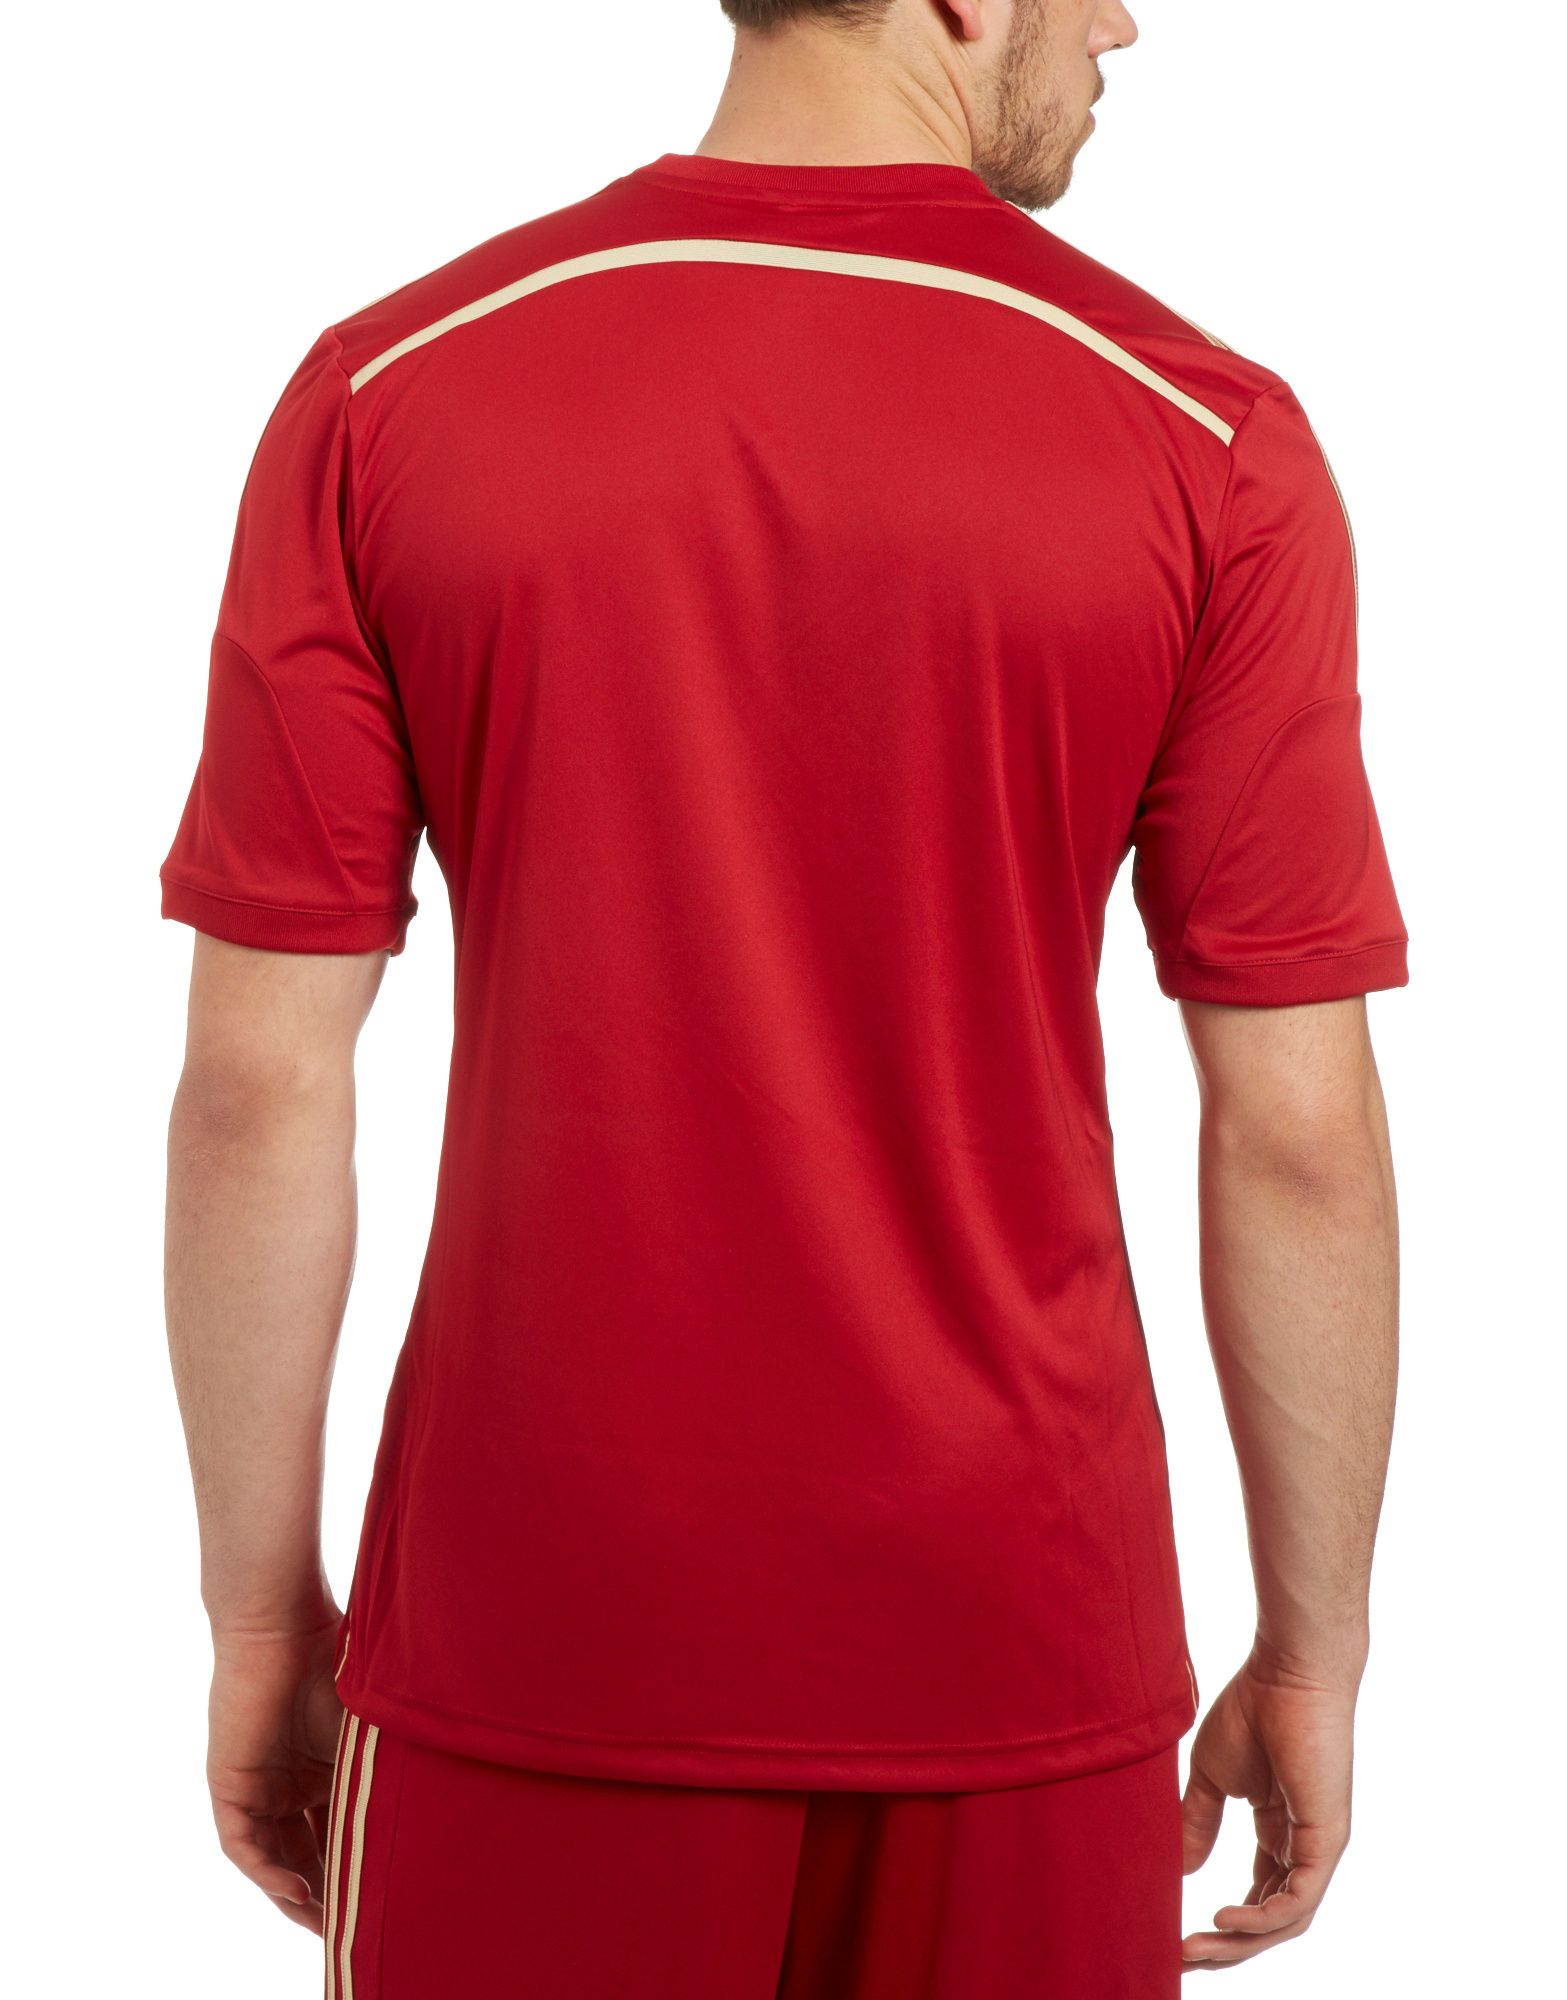 adidas Spain 2014 Home Shirt